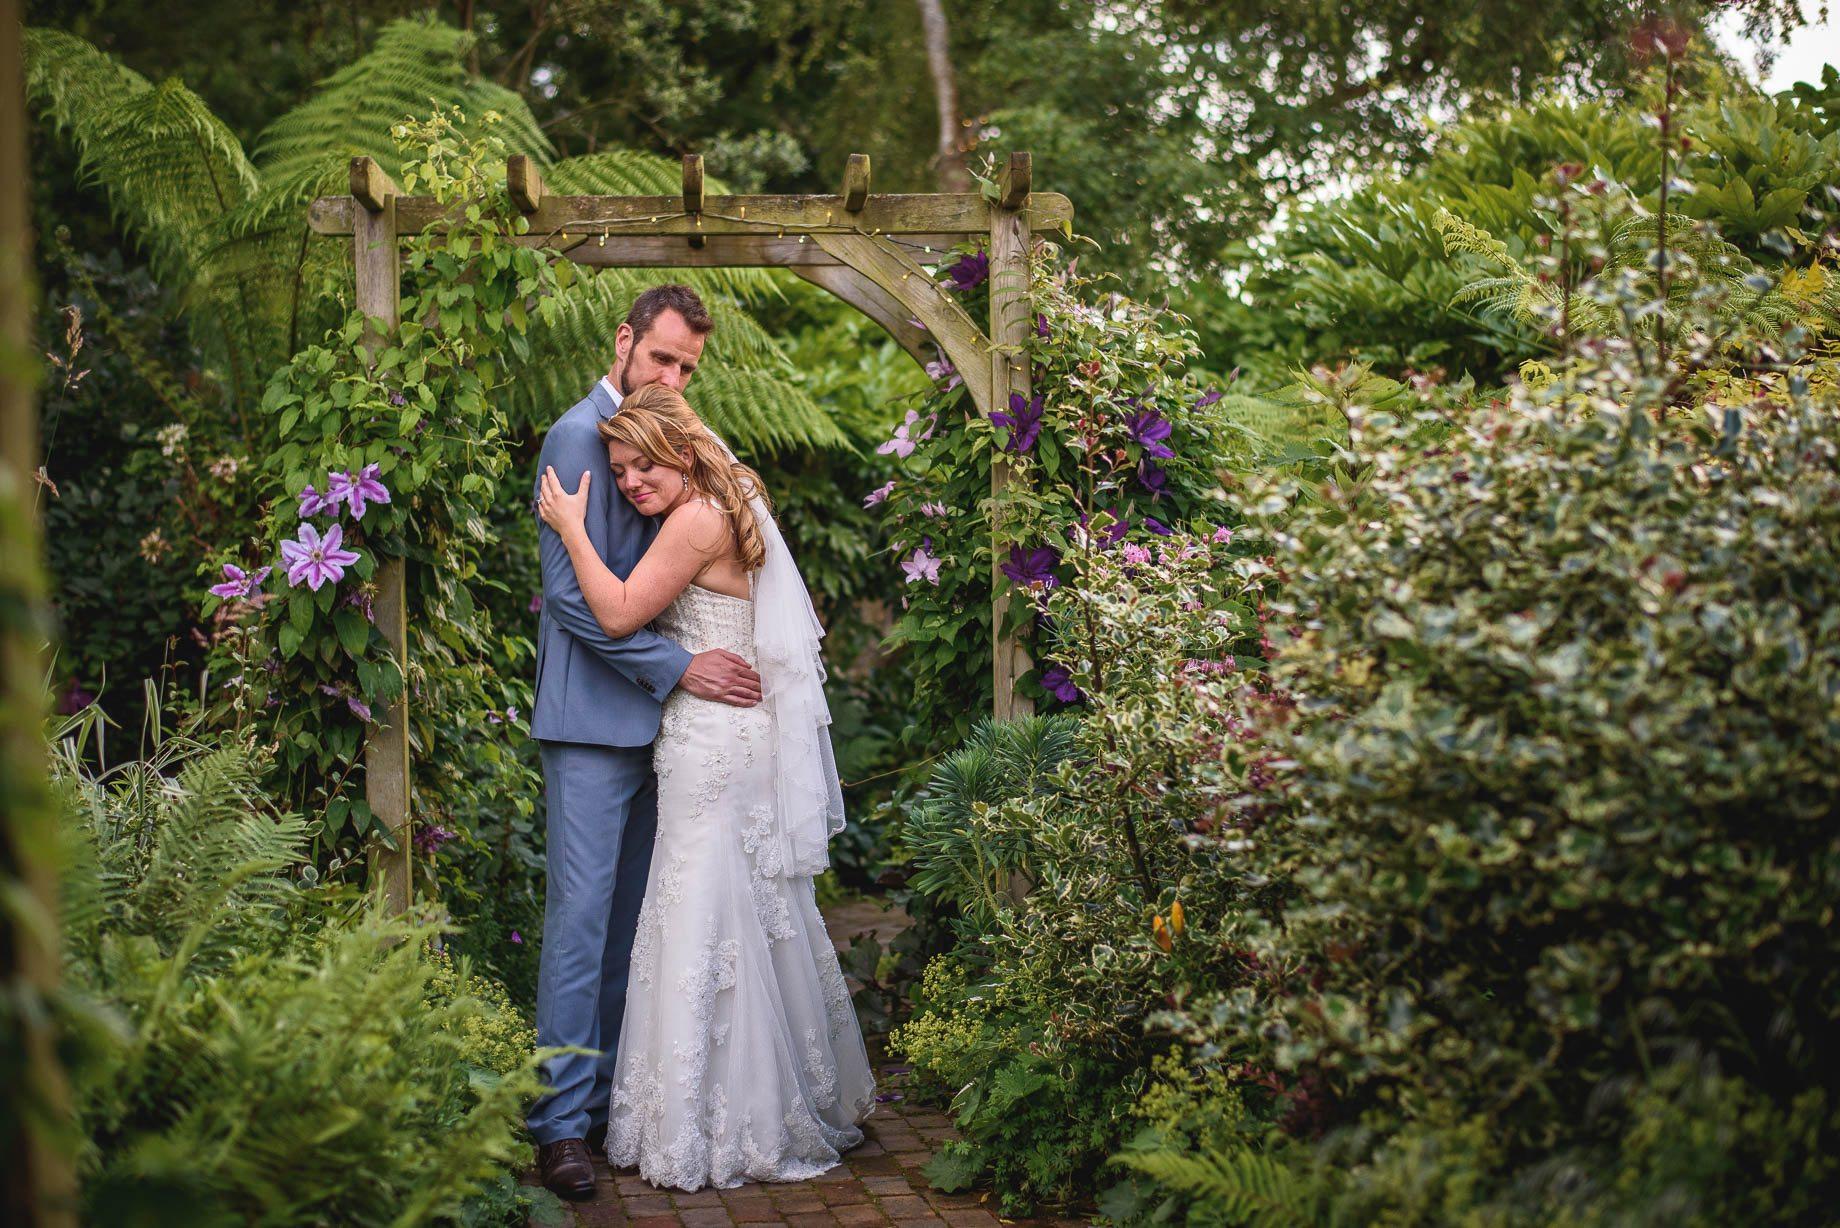 Bartholomew Barns wedding photography - Louise and Spencer (128 of 151)